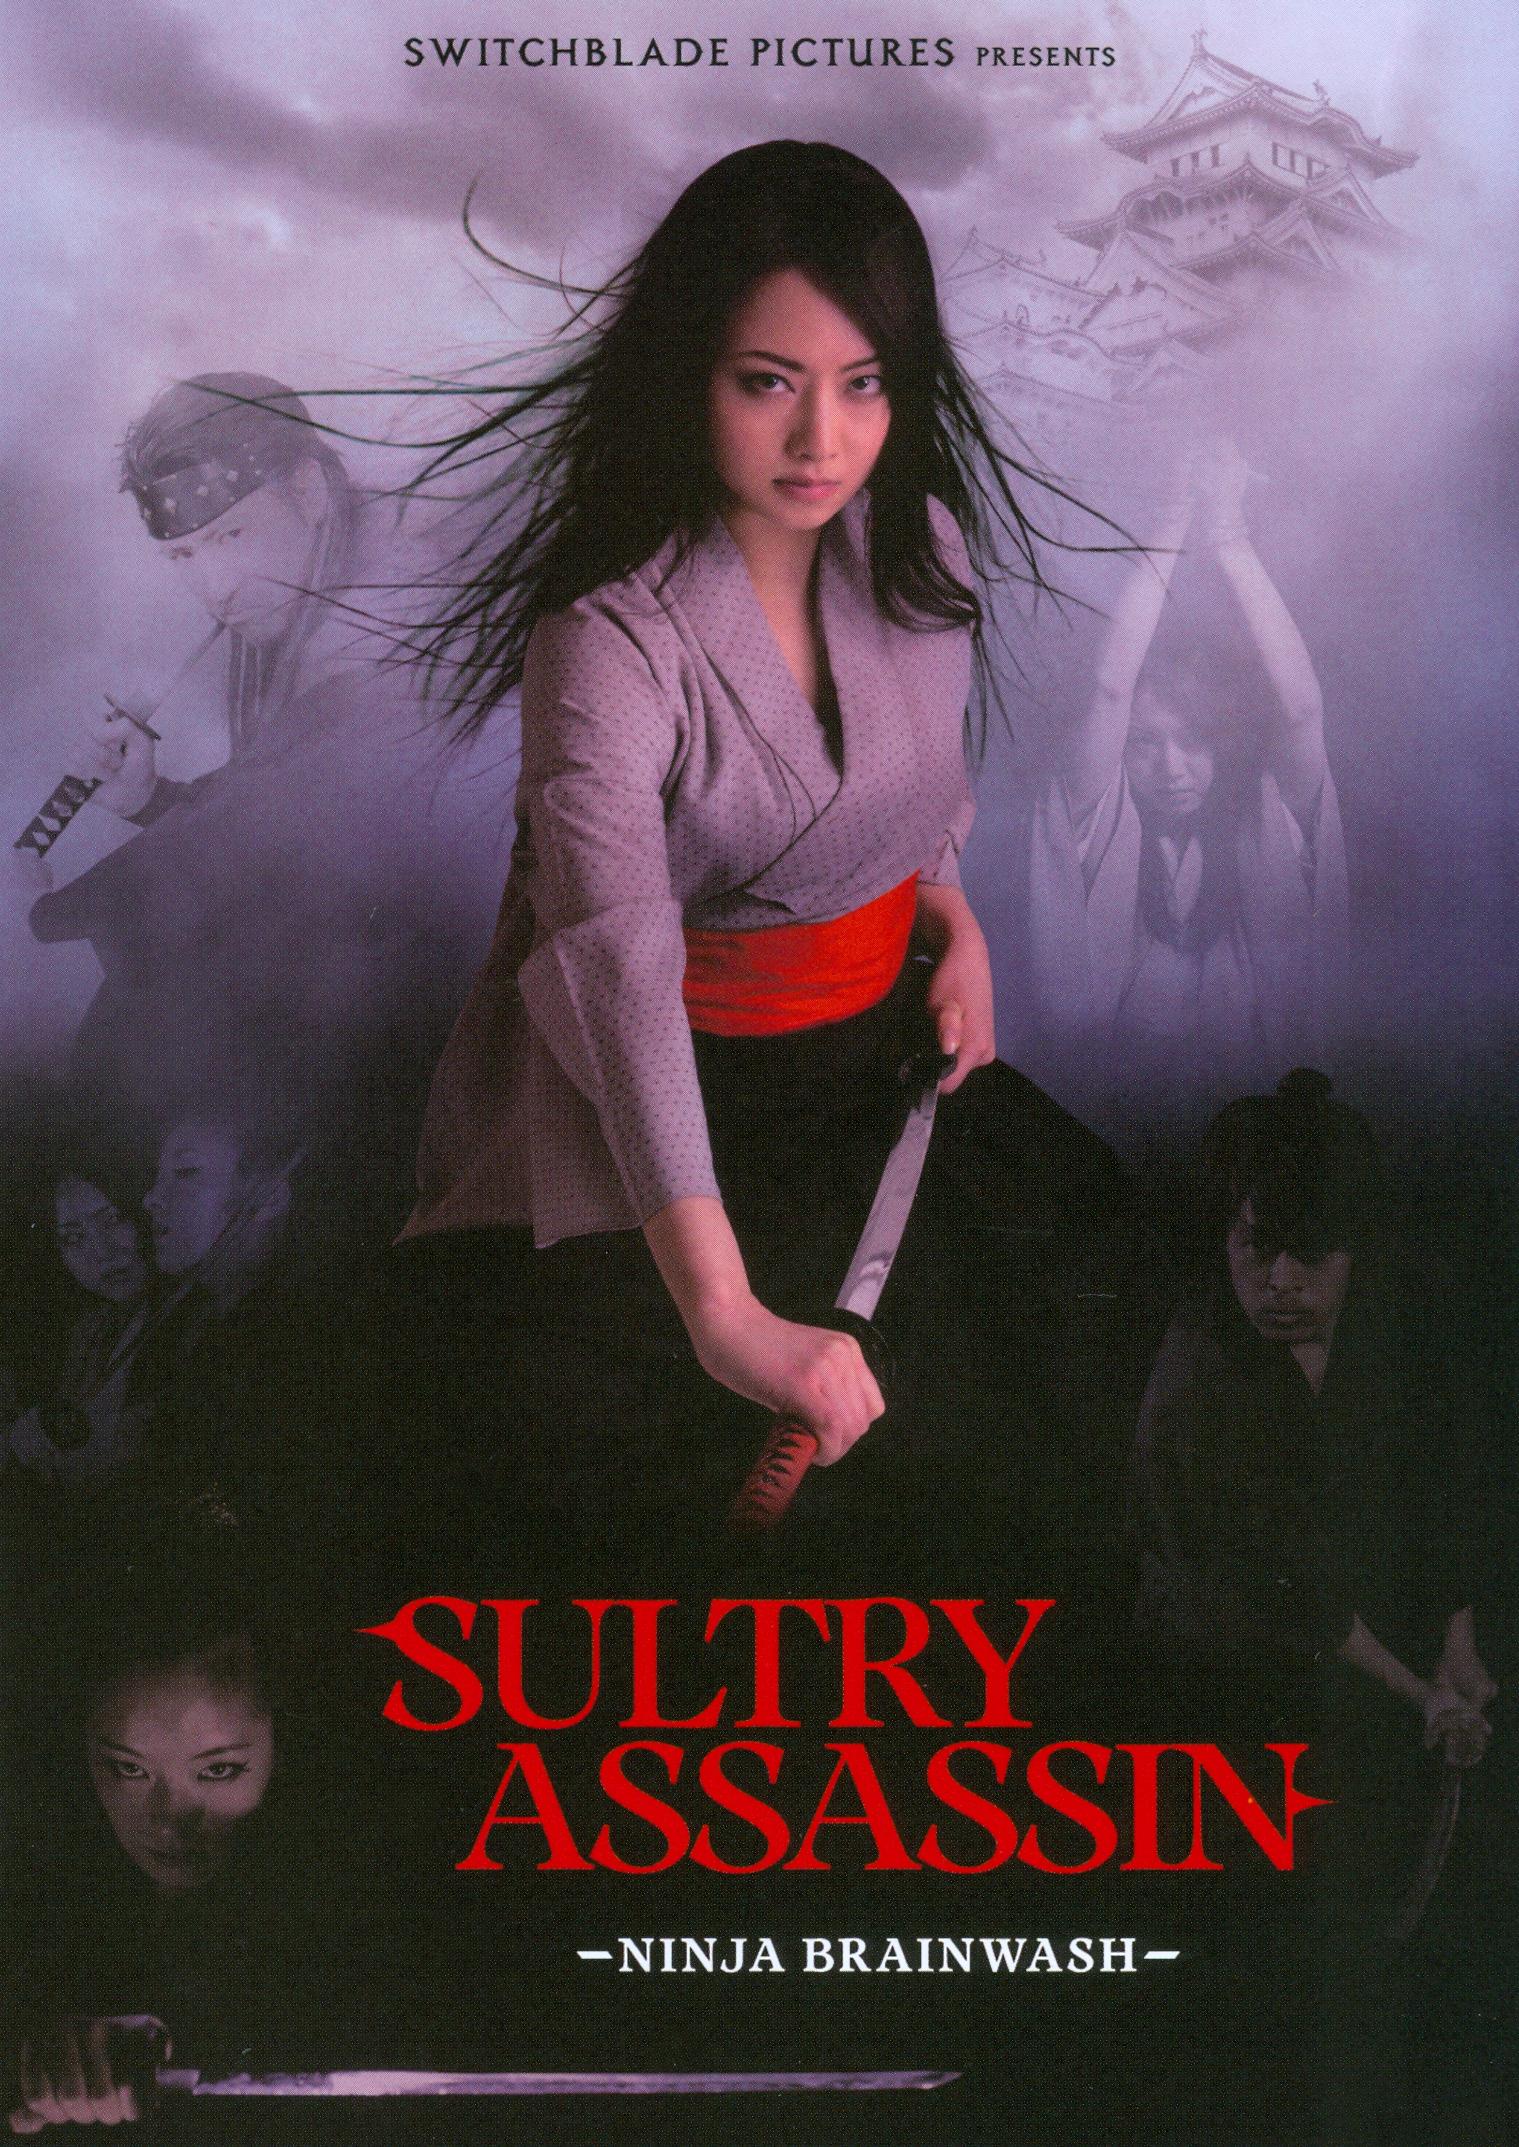 Sultry Assassin: Ninja Brainwash